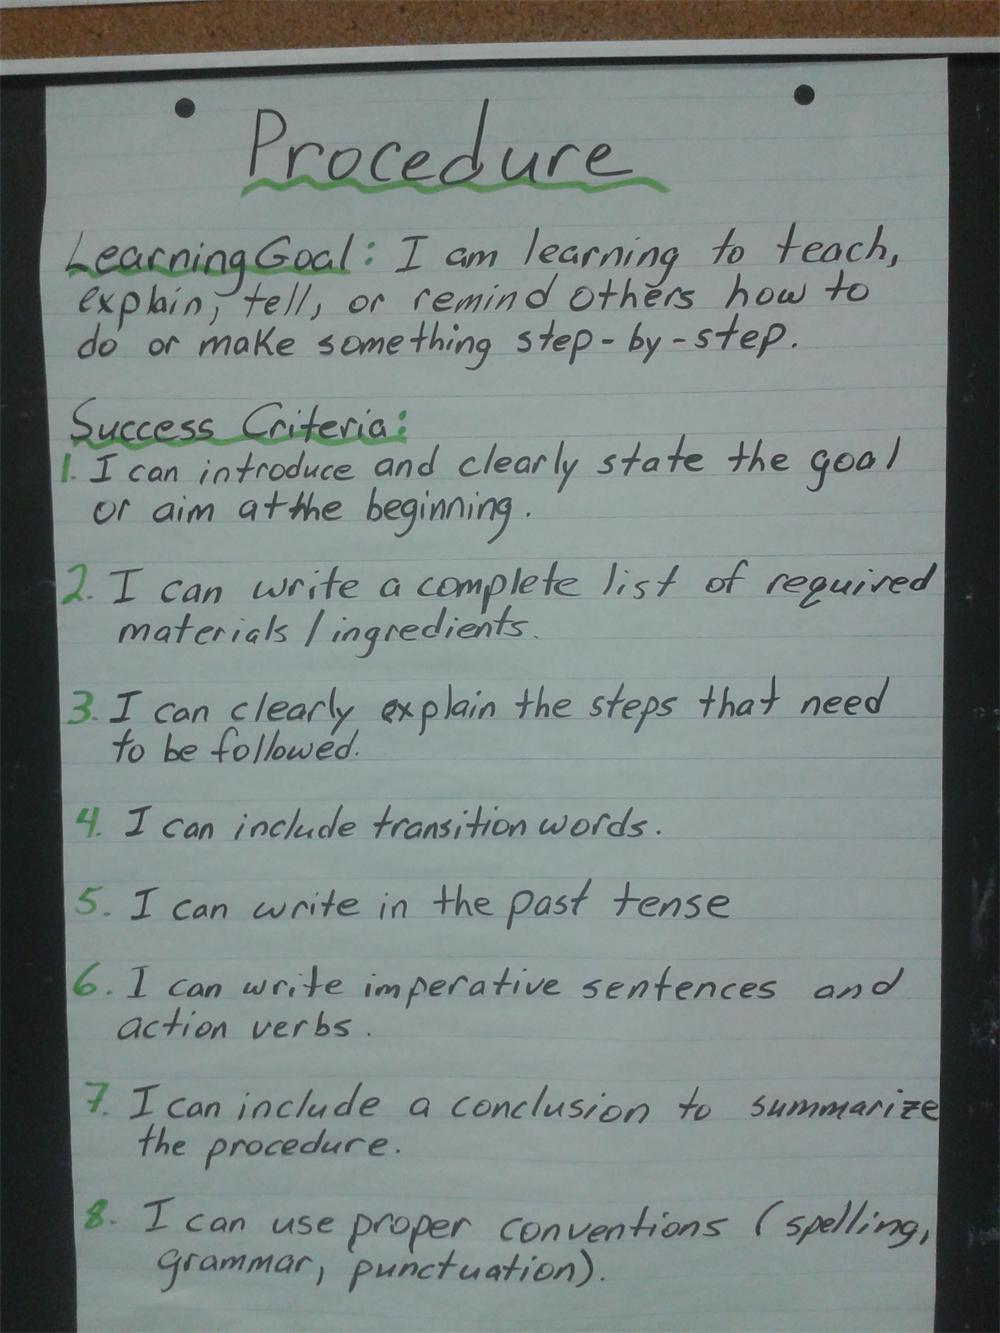 essay success criteria